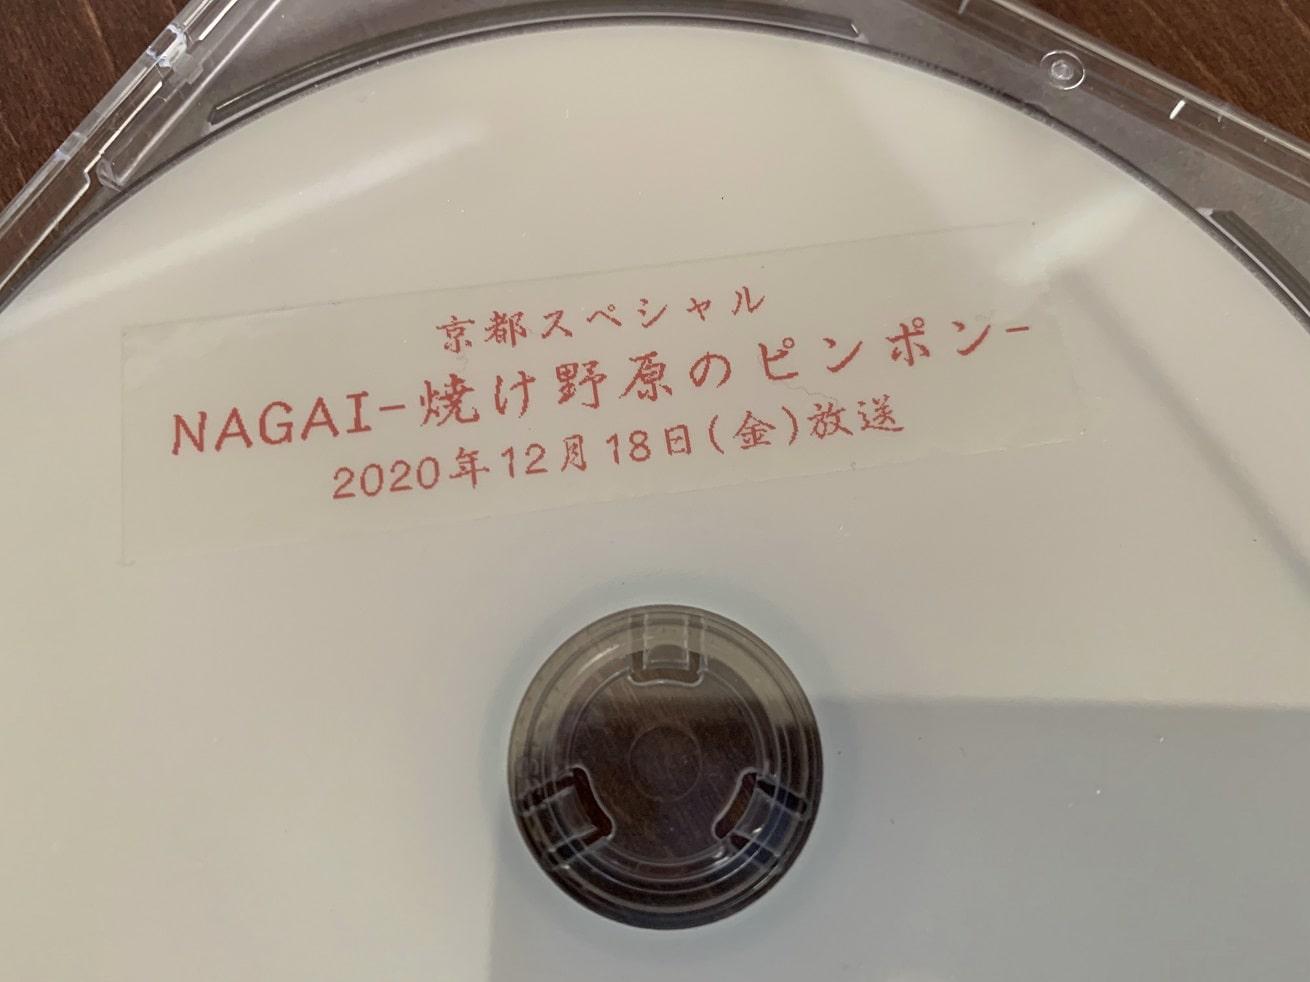 京都スペシャル「NAGAI-焼け野原のピンポン~」2020年12月18日(金)放送分